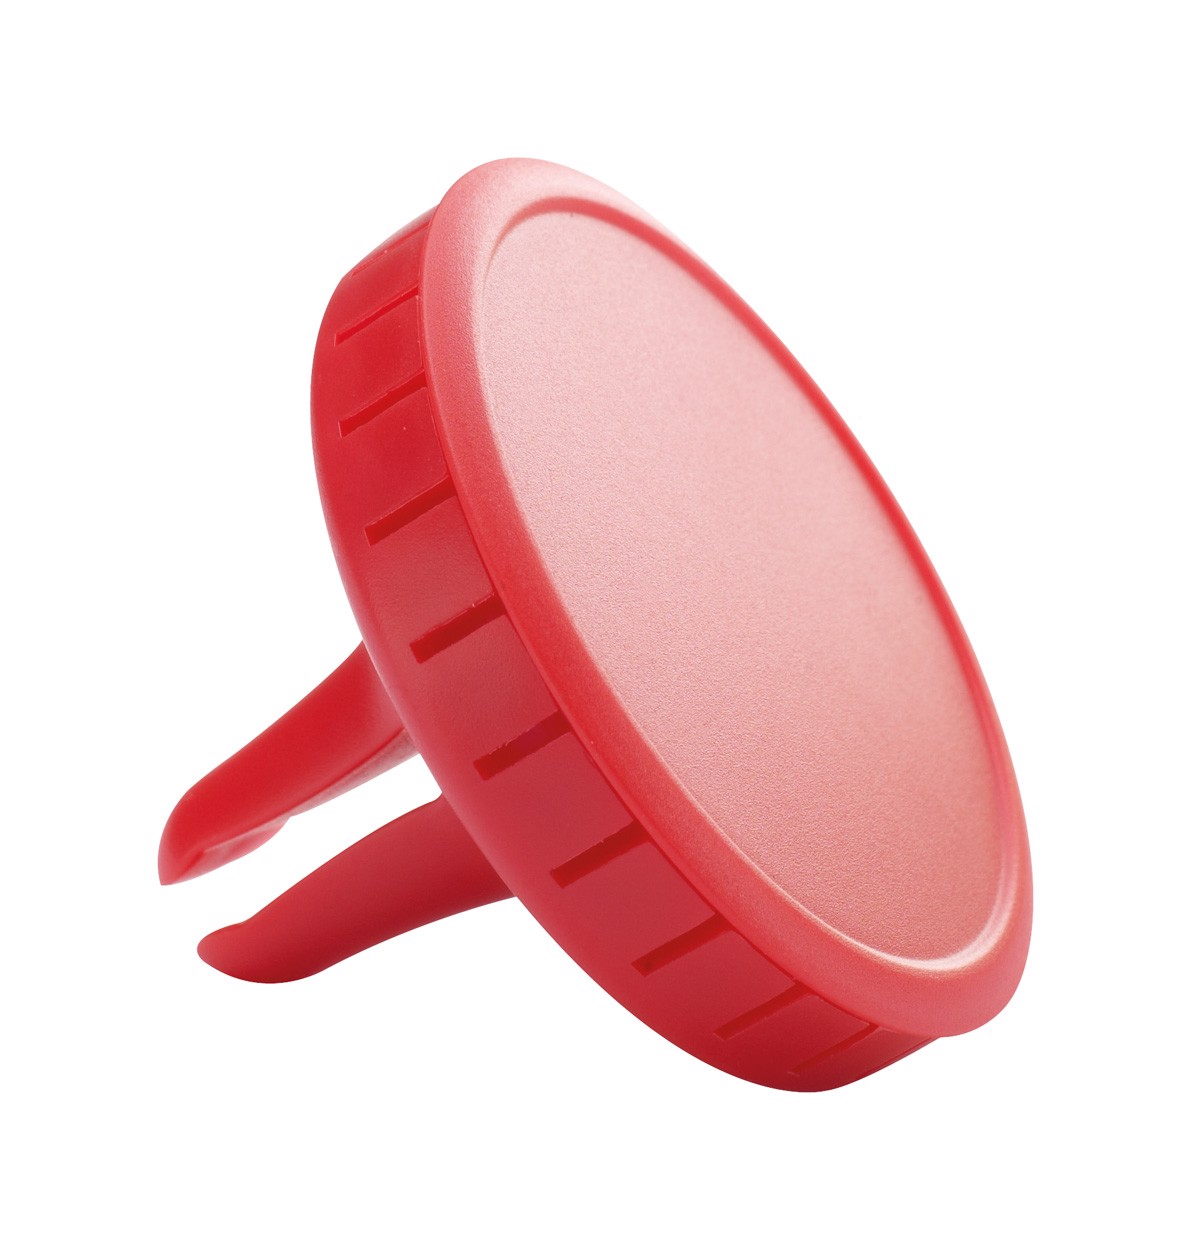 Odorizant De Maşină Scrib - Roșu